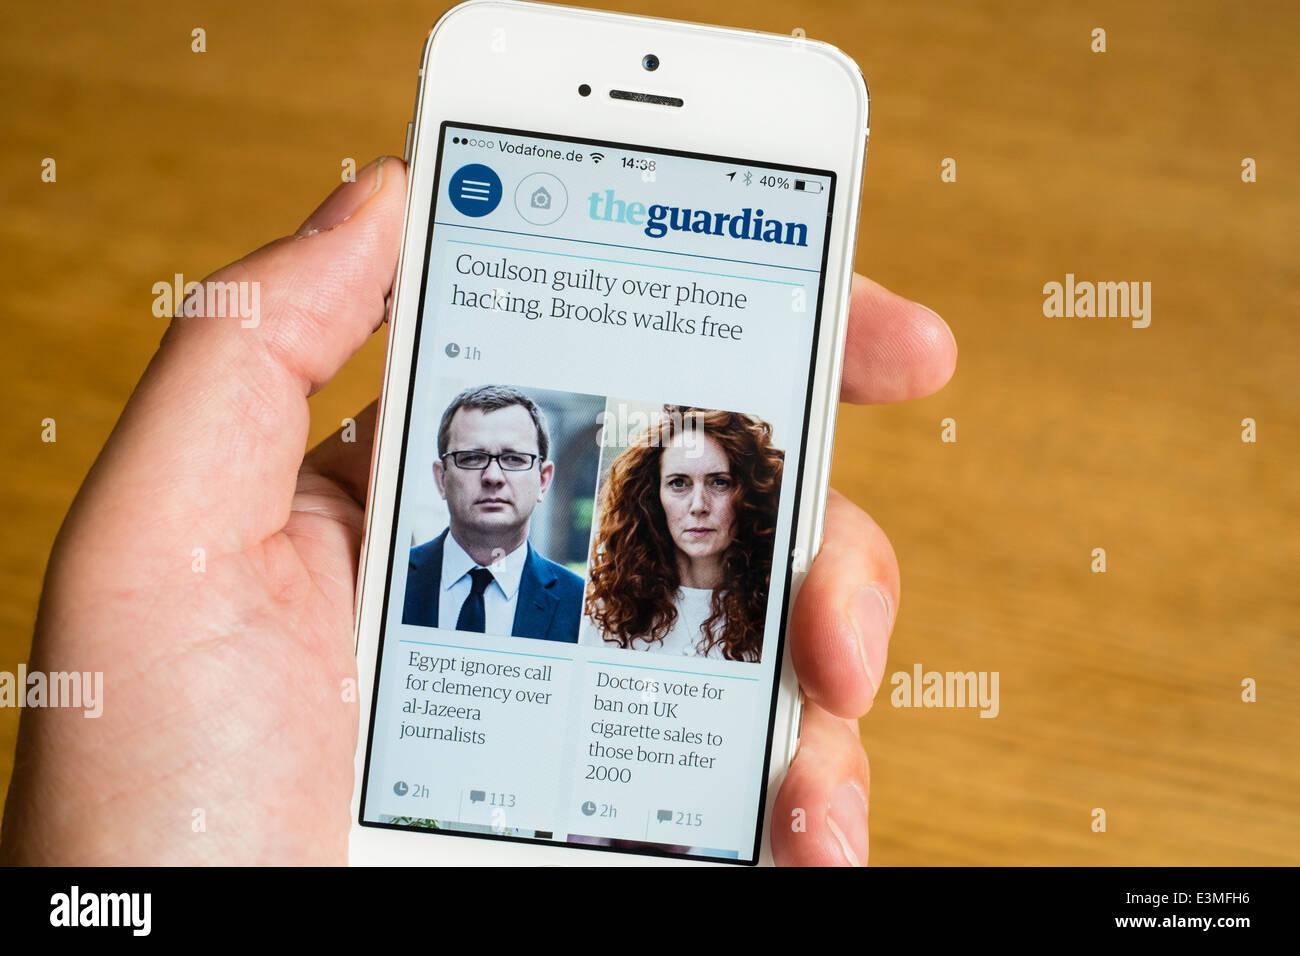 Le journal Guardian mobile app sur iPhone téléphone smart phone hacking verdict procès montrant Photo Stock